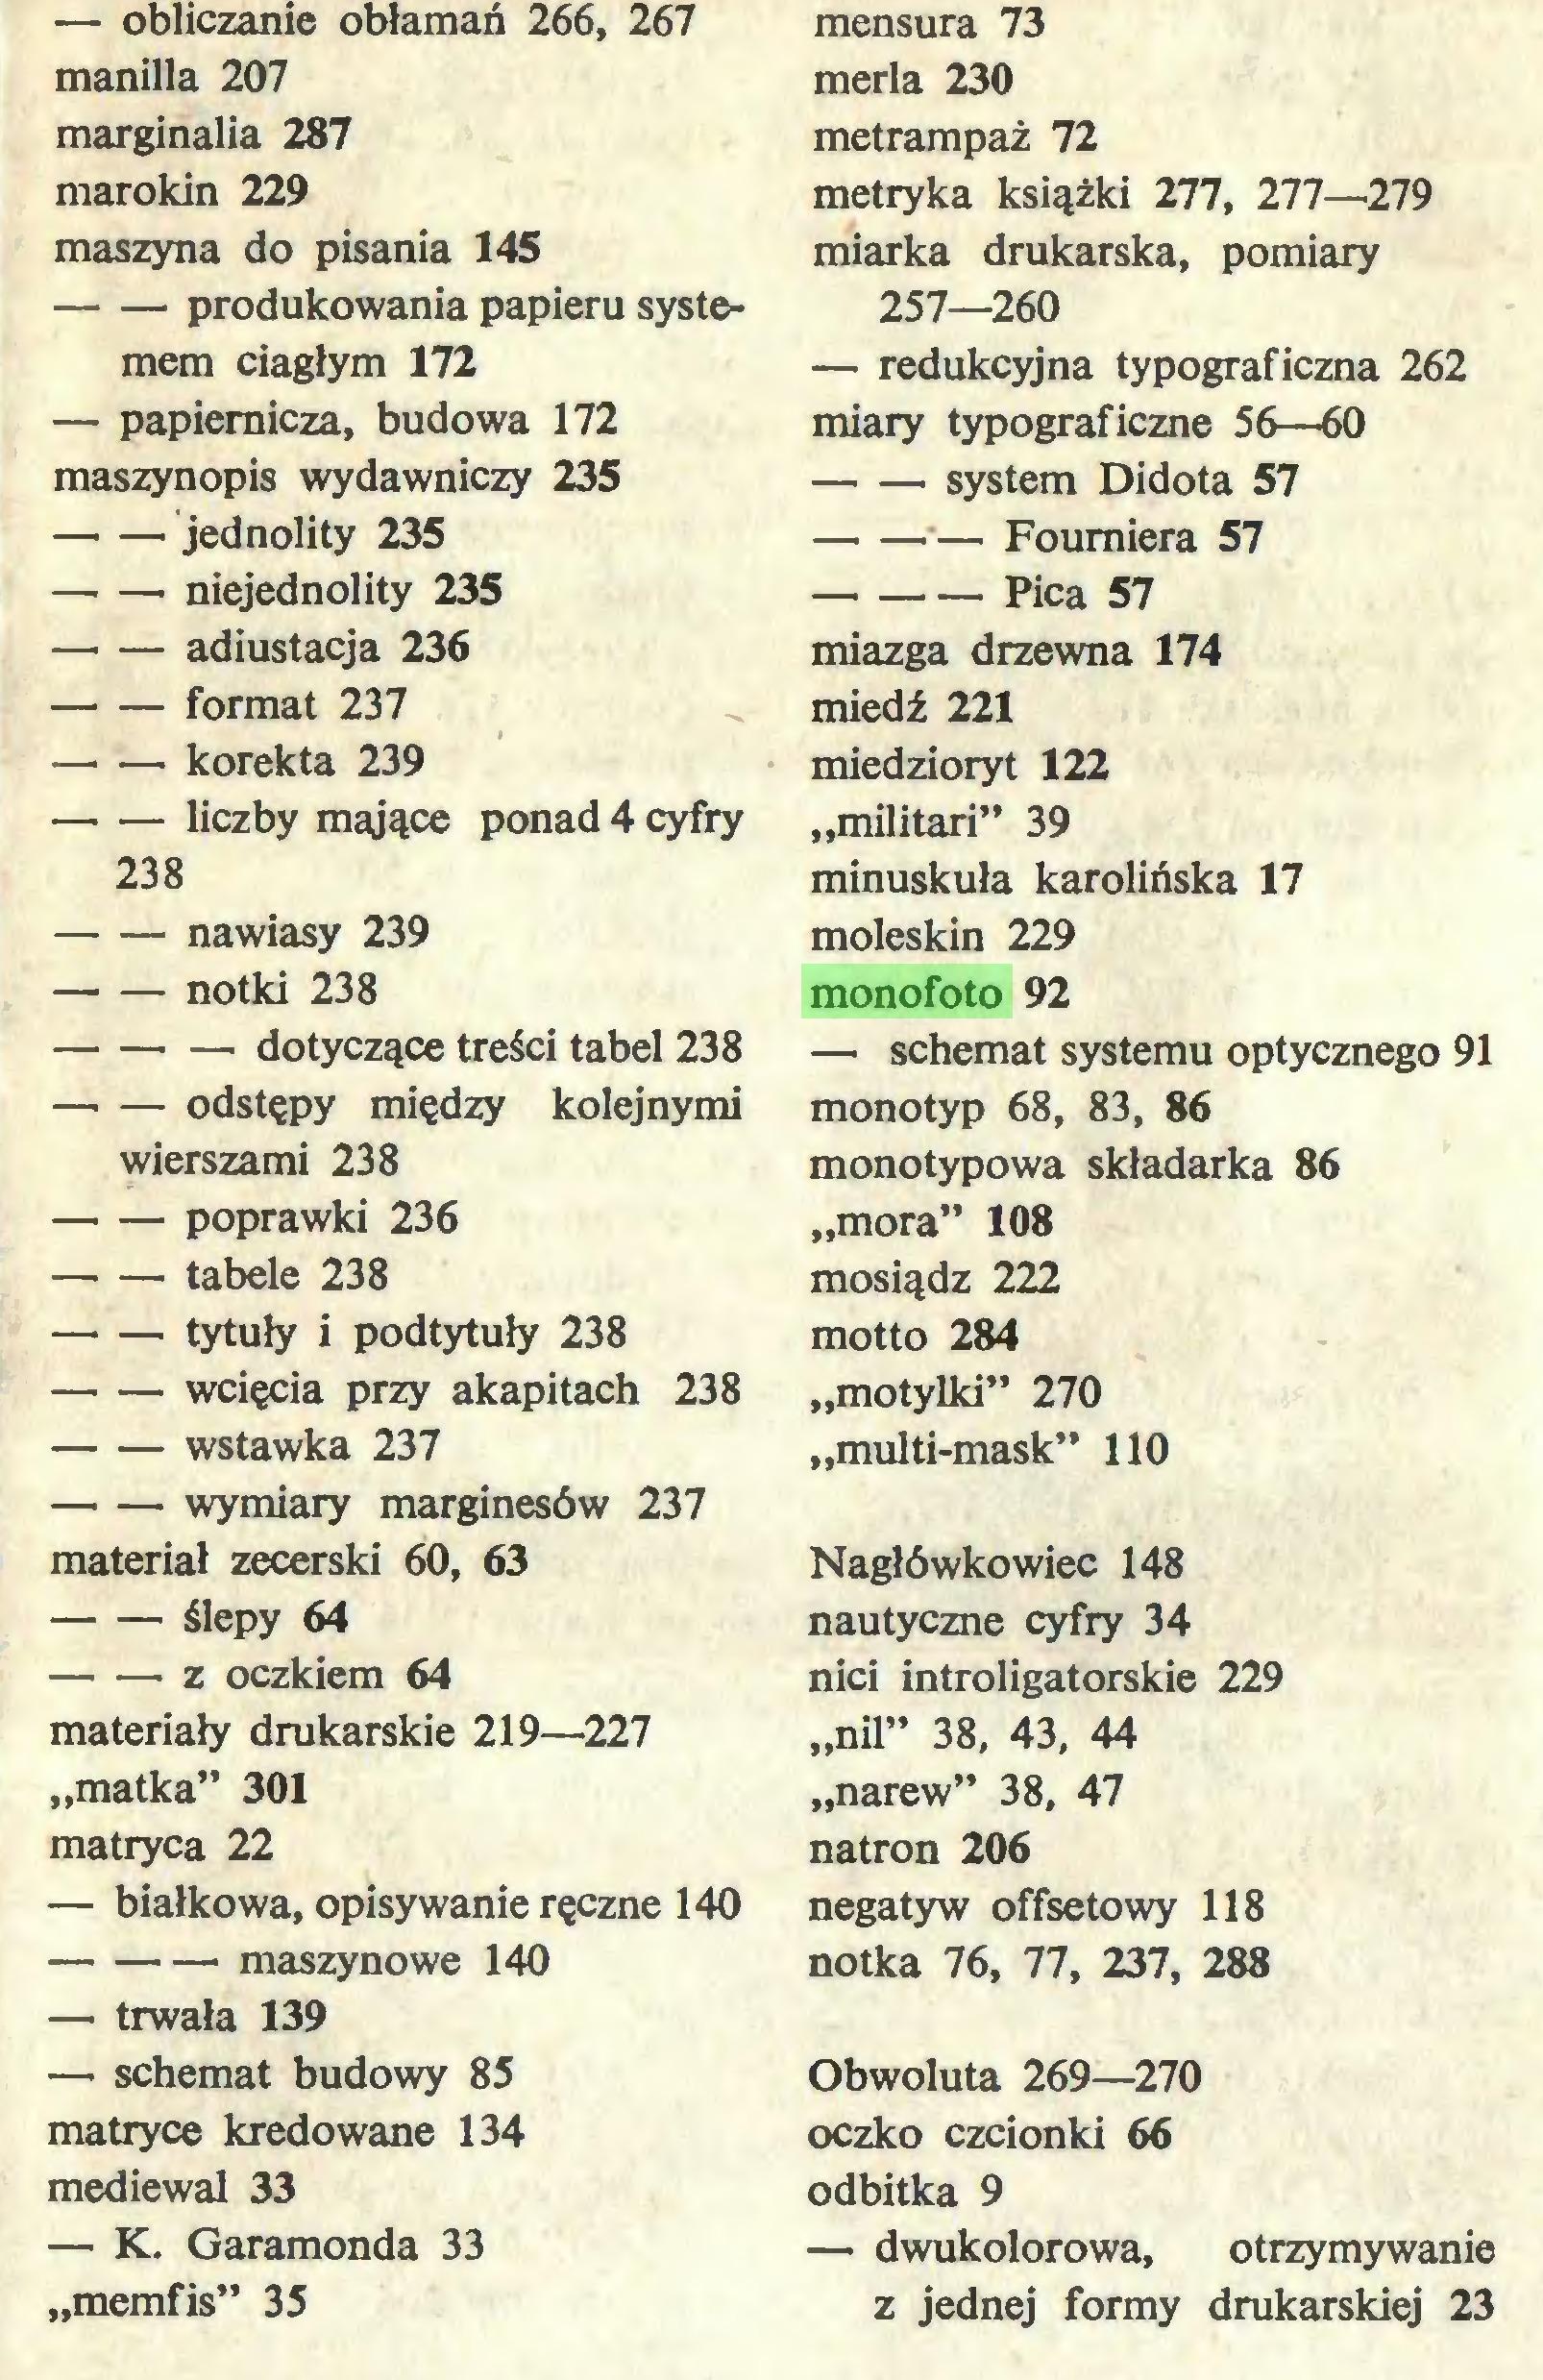 """(...) — K. Garamonda 33 """"memfis"""" 35 mensura 73 merla 230 metrampaż 72 metryka książki 277, 277—279 miarka drukarska, pomiary 257—260 — redukcyjna typograficzna 262 miary typograficzne 56—60 system Didota 57 Foumiera 57 Pica 57 miazga drzewna 174 miedź 221 miedzioryt 122 """"militari"""" 39 minuskuła karolińska 17 moleskin 229 monofoto 92 — schemat systemu optycznego 91 monotyp 68, 83, 86 monotypowa składarka 86 """"mora"""" 108 mosiądz 222 motto 284 """"motylki"""" 270 """"multi-mask"""" 110 Nagłówkowiec 148 nautyczne cyfry 34 nici introligatorskie 229 """"nil"""" 38, 43, 44 """"narew"""" 38, 47 natron 206 negatyw offsetowy 118 notka 76, 77, 237, 288 Obwoluta 269—270 oczko czcionki 66 odbitka 9 — dwukolorowa, otrzymywanie z jednej formy drukarskiej 23..."""